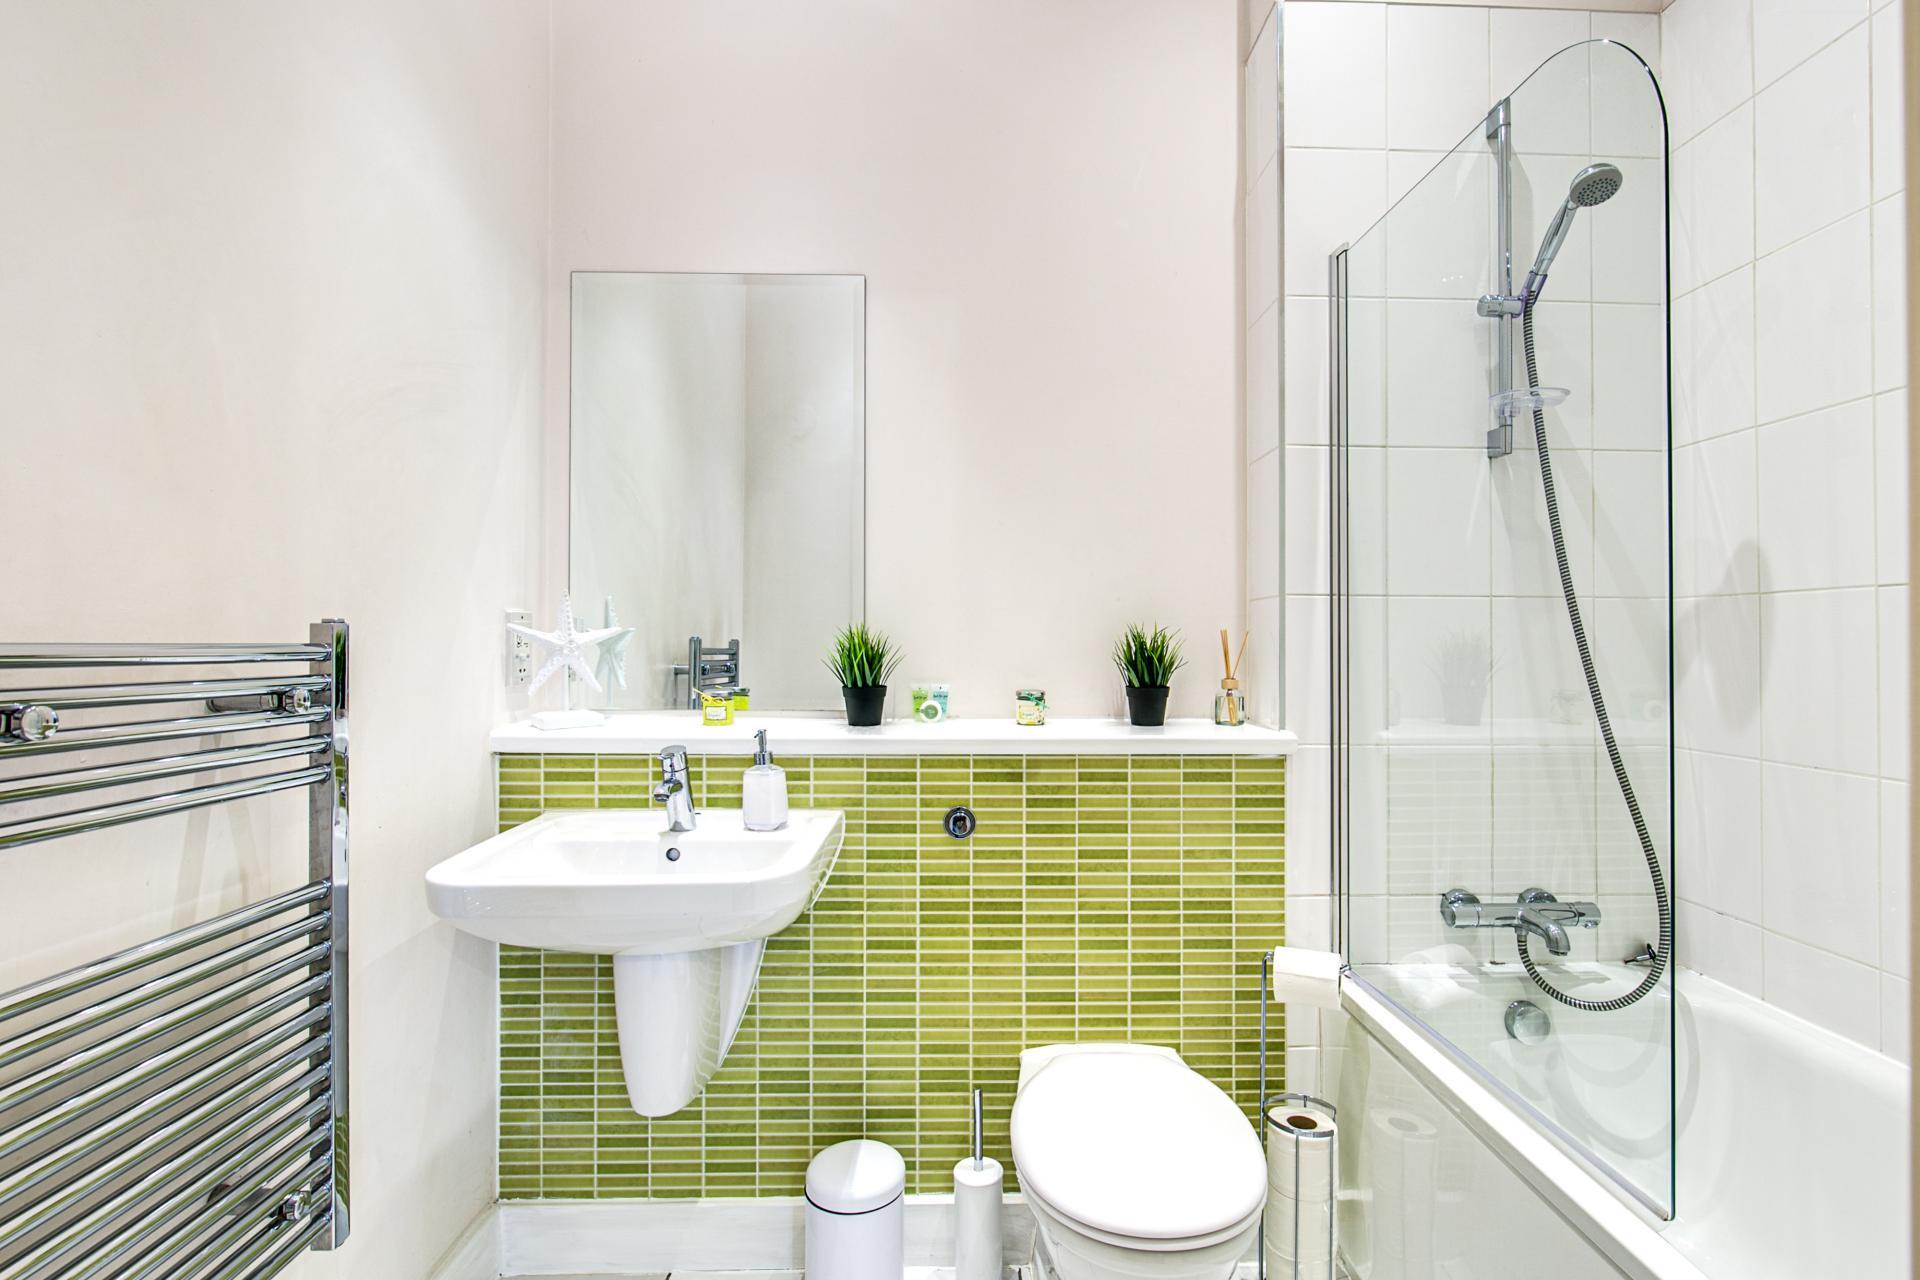 Bathroom at The Gem Apartment, Jewellery Quarter, Birmingham